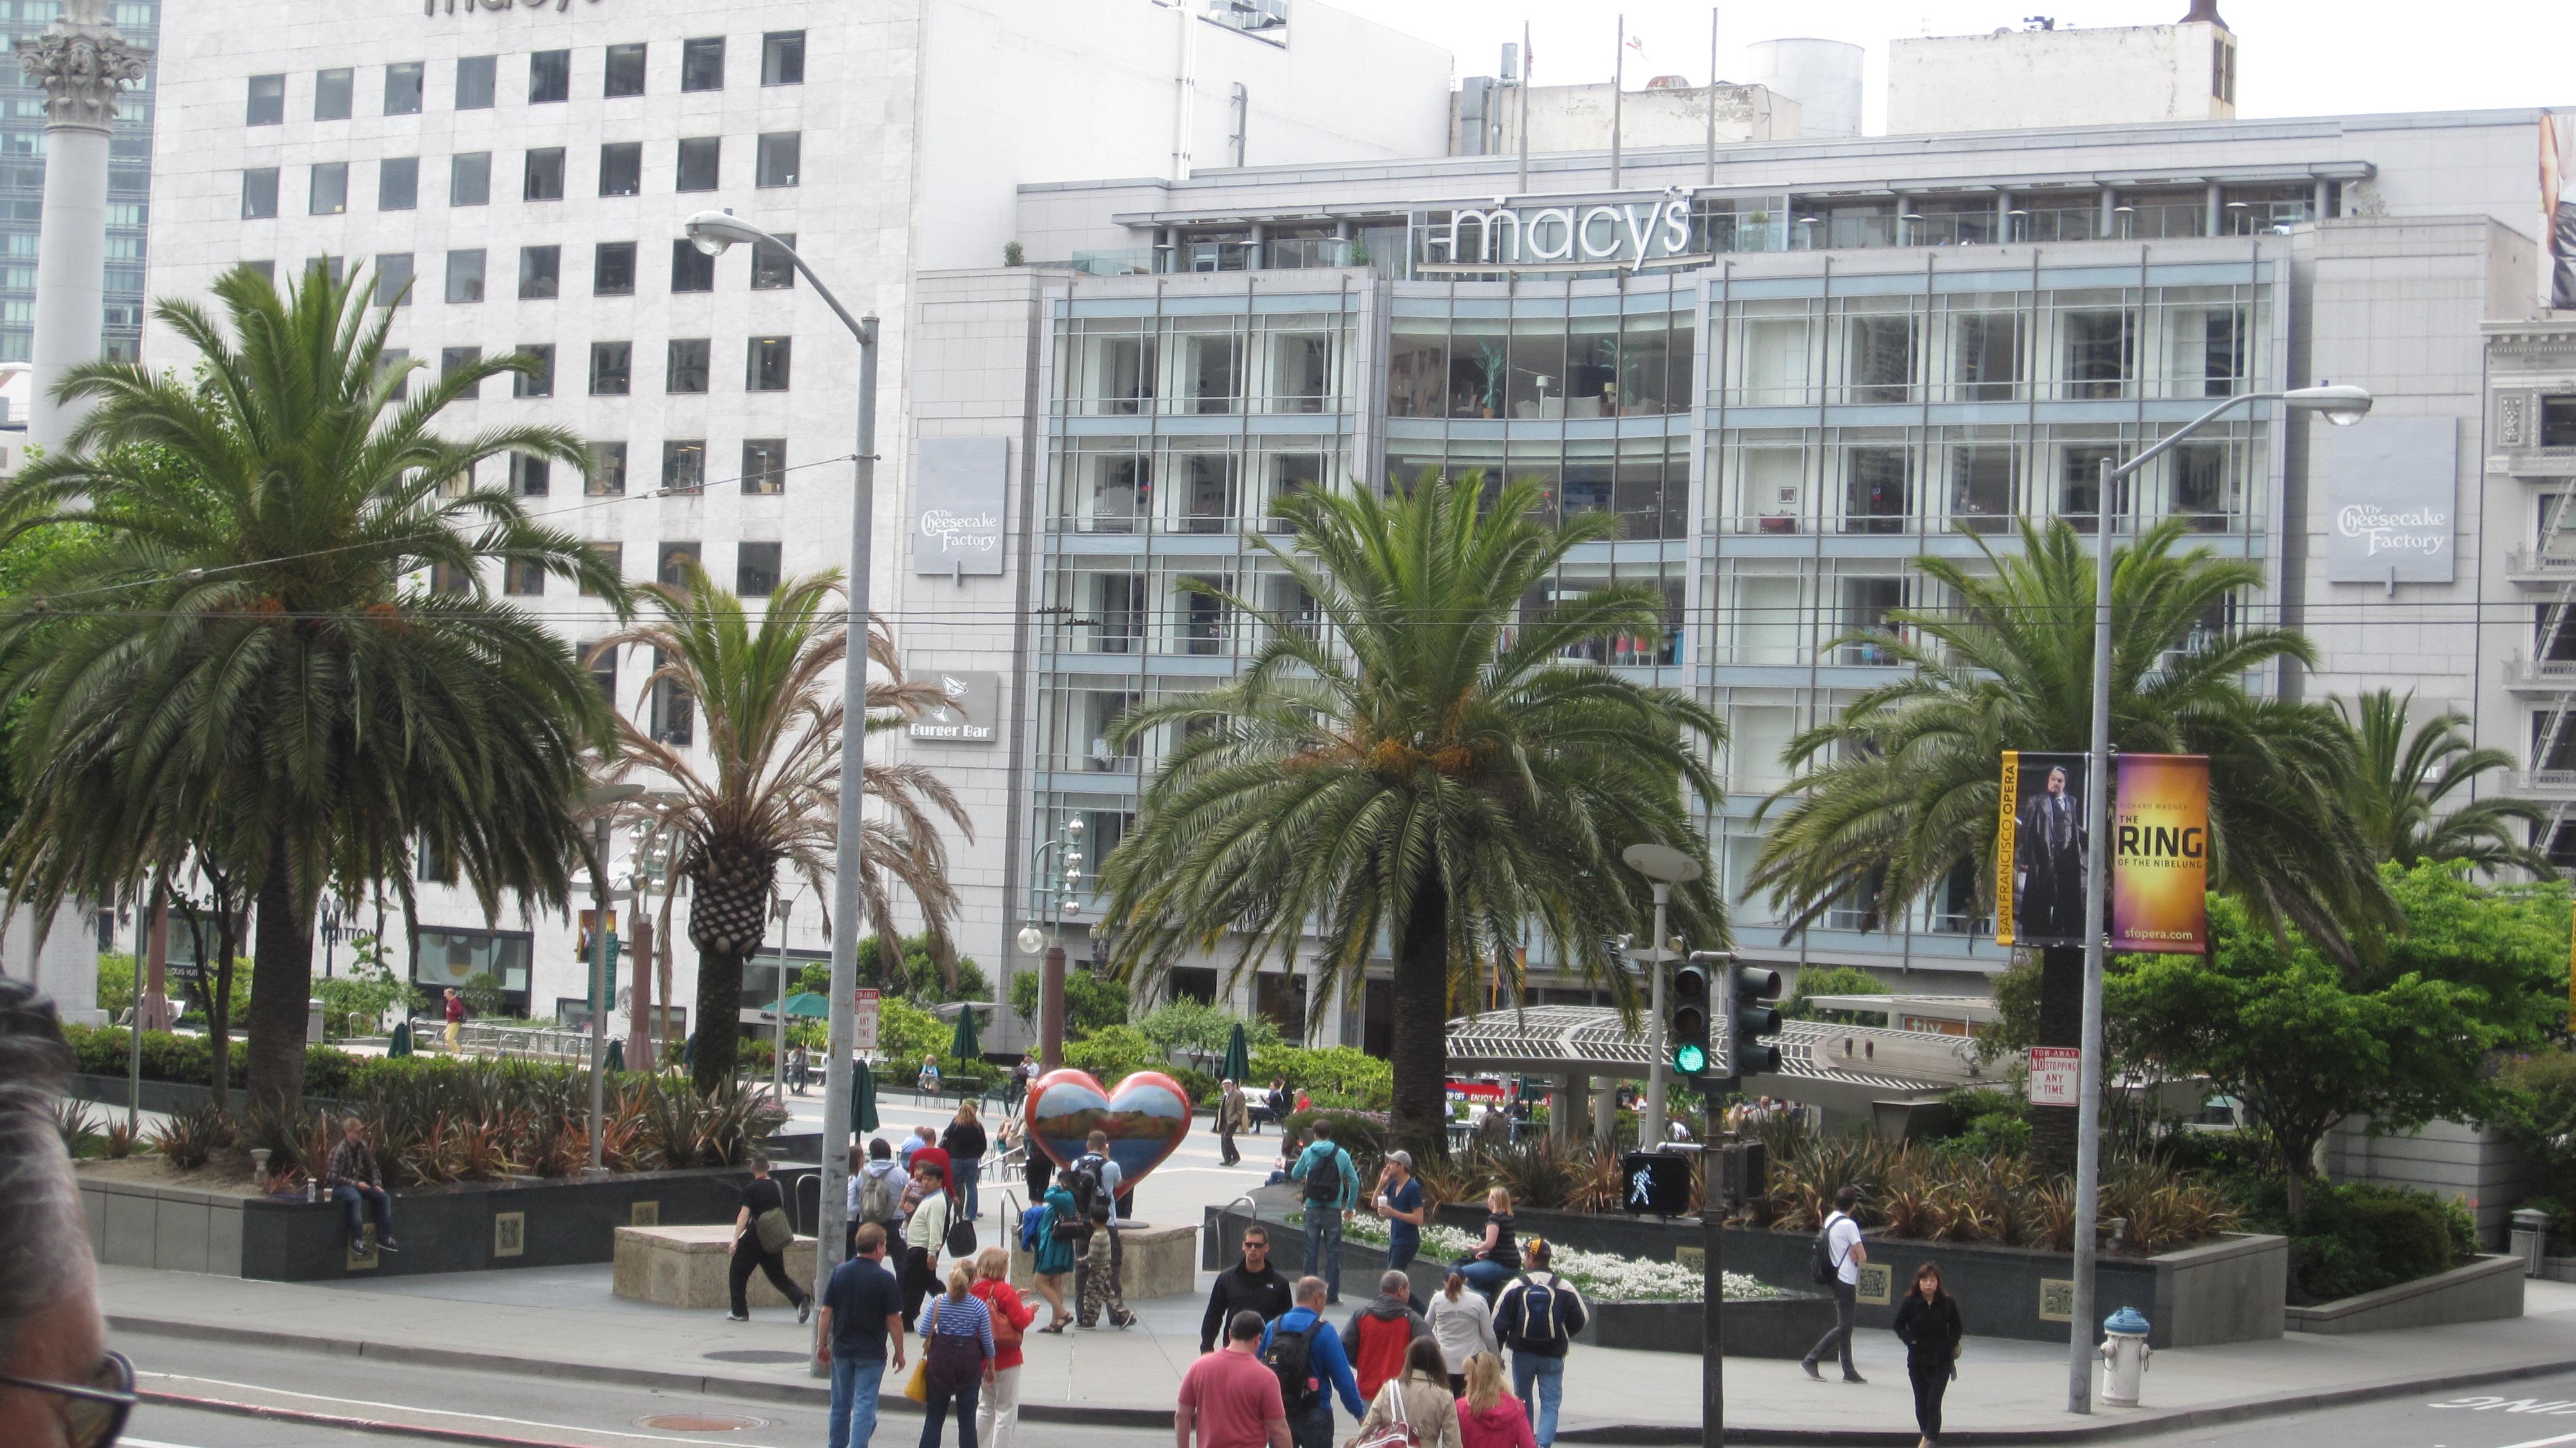 Fuente: www.travelcrazednerd.com